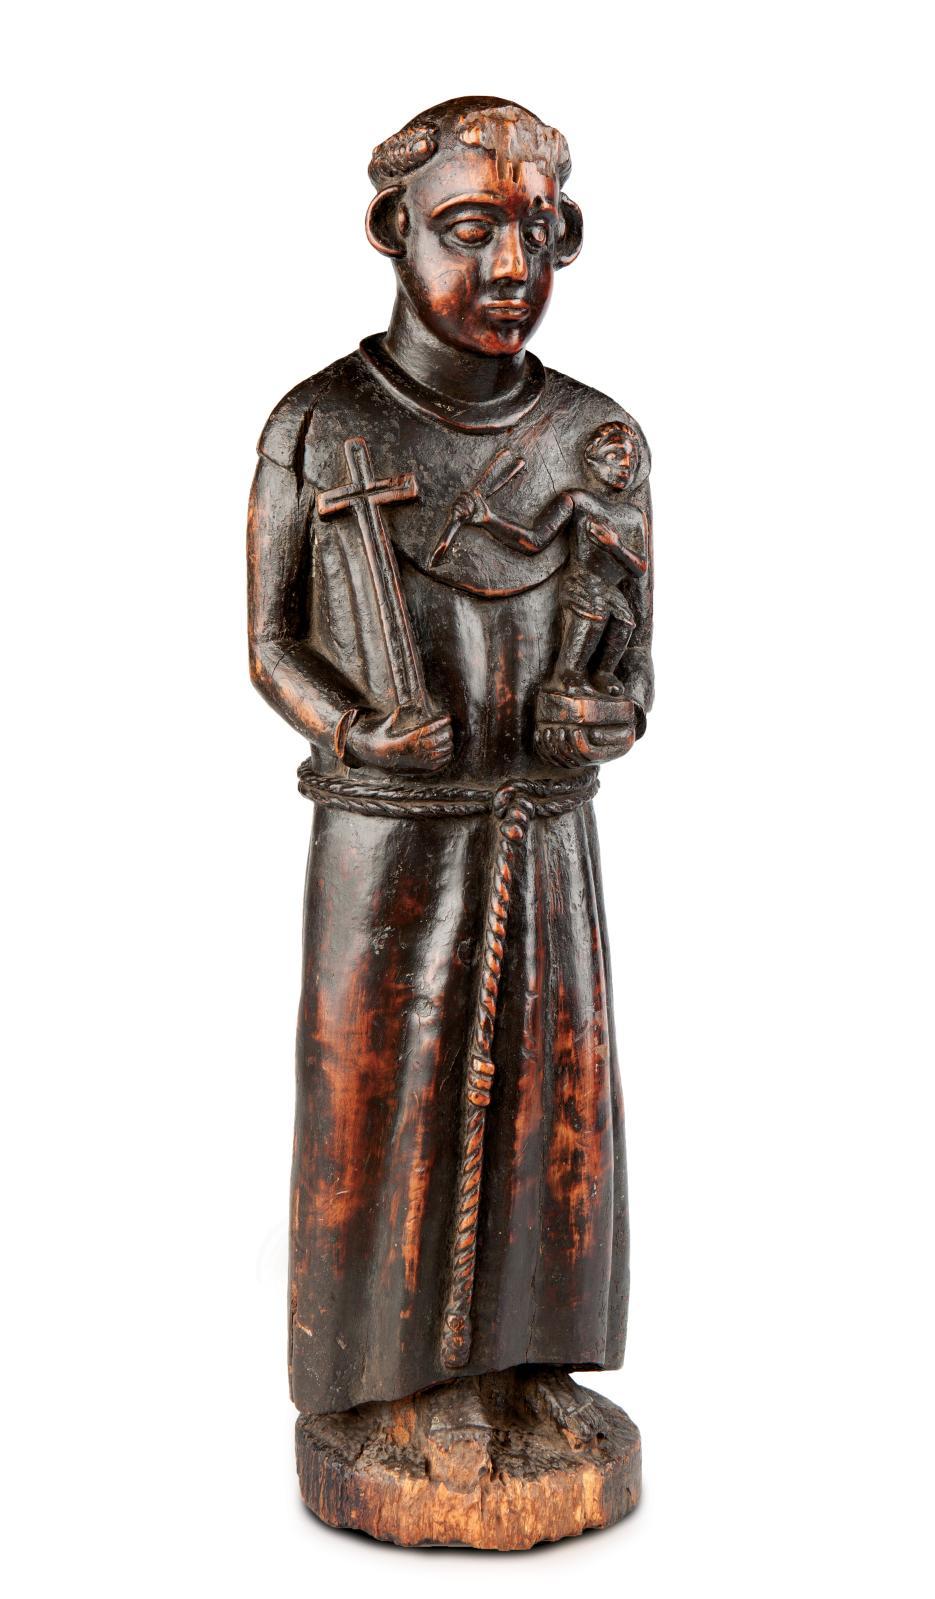 Toni Malau, statue de saint Antoine, bois, XVIIe-XVIIIe siècle, 47,7x12,5x12,5cm, culture kongo.